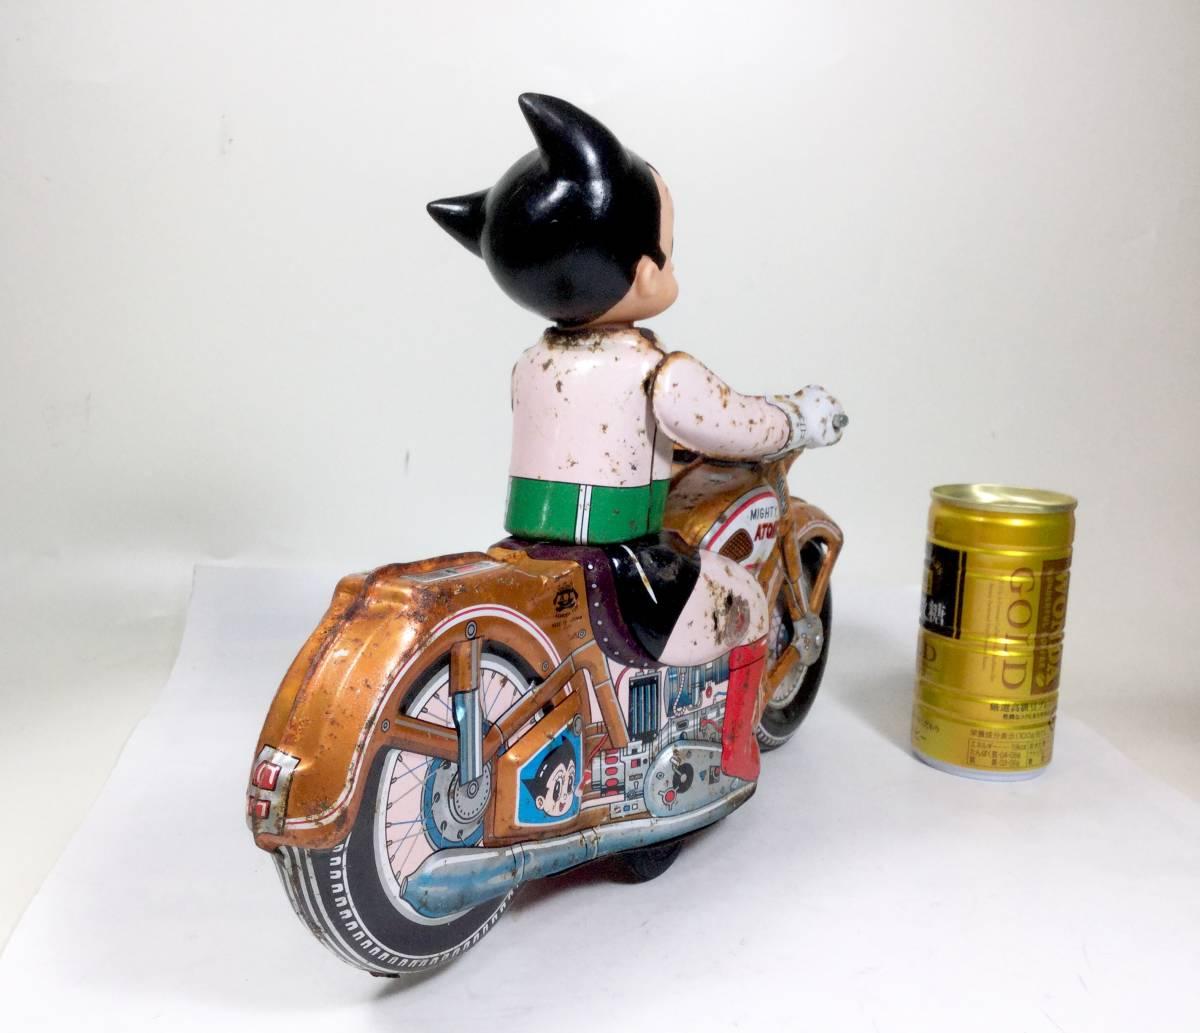 鉄腕アトム 浅草玩具 オートバイ 大型サイズ 1960年代 当時もの レトロ ビンテージ フリクション走行 バイク 虫プロ _画像6